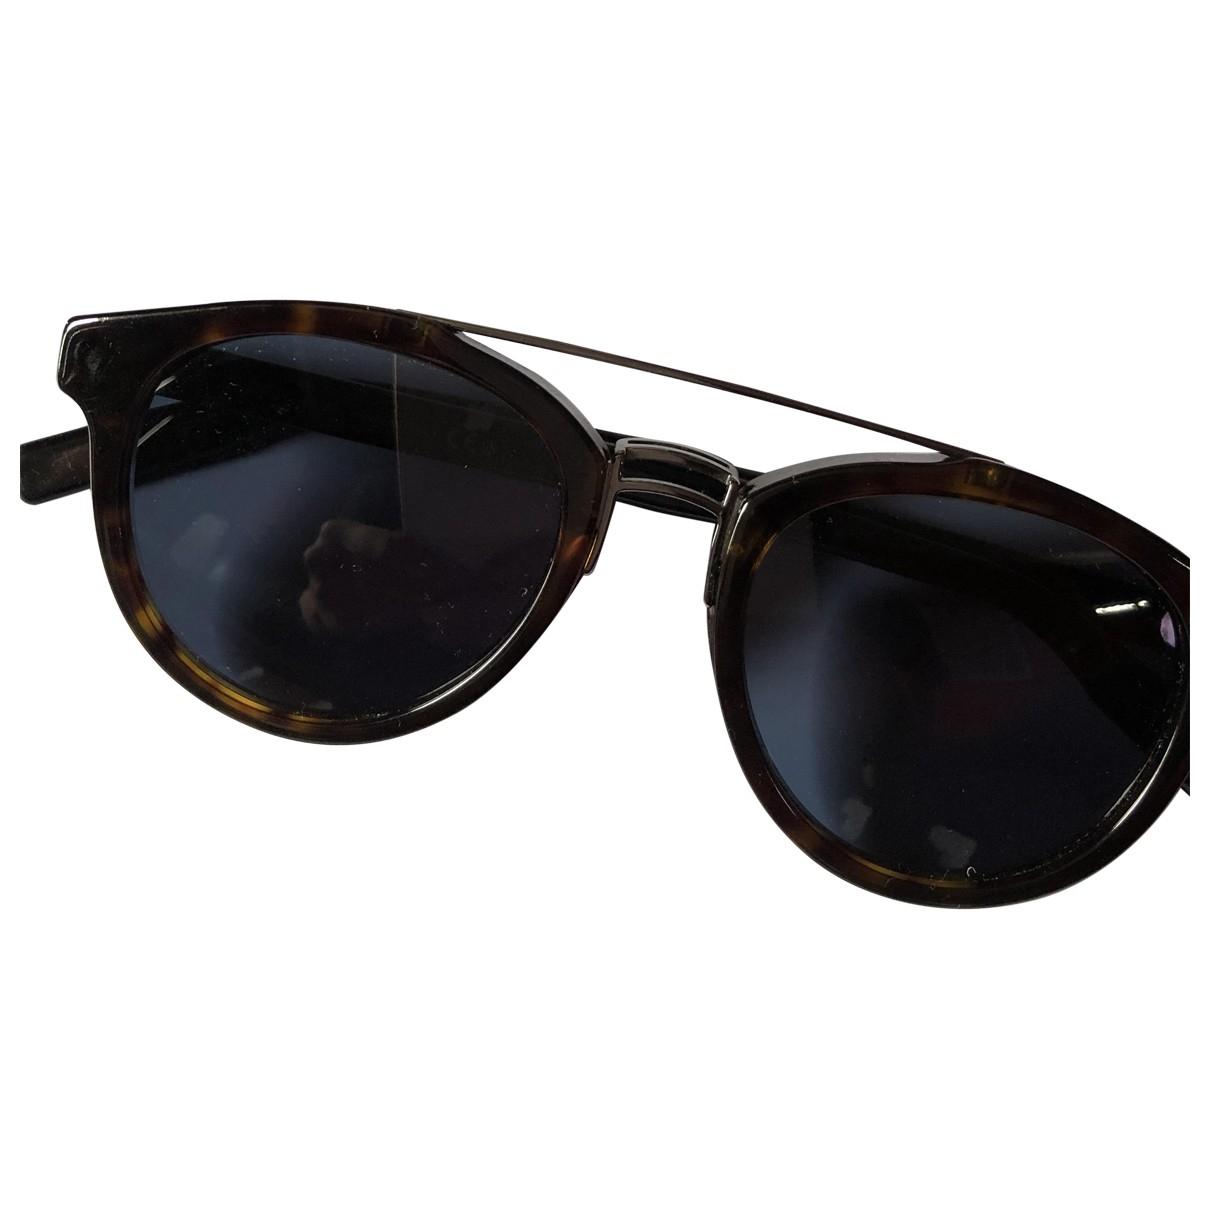 Dior Homme - Lunettes BLACK TIE 220S pour homme - marron